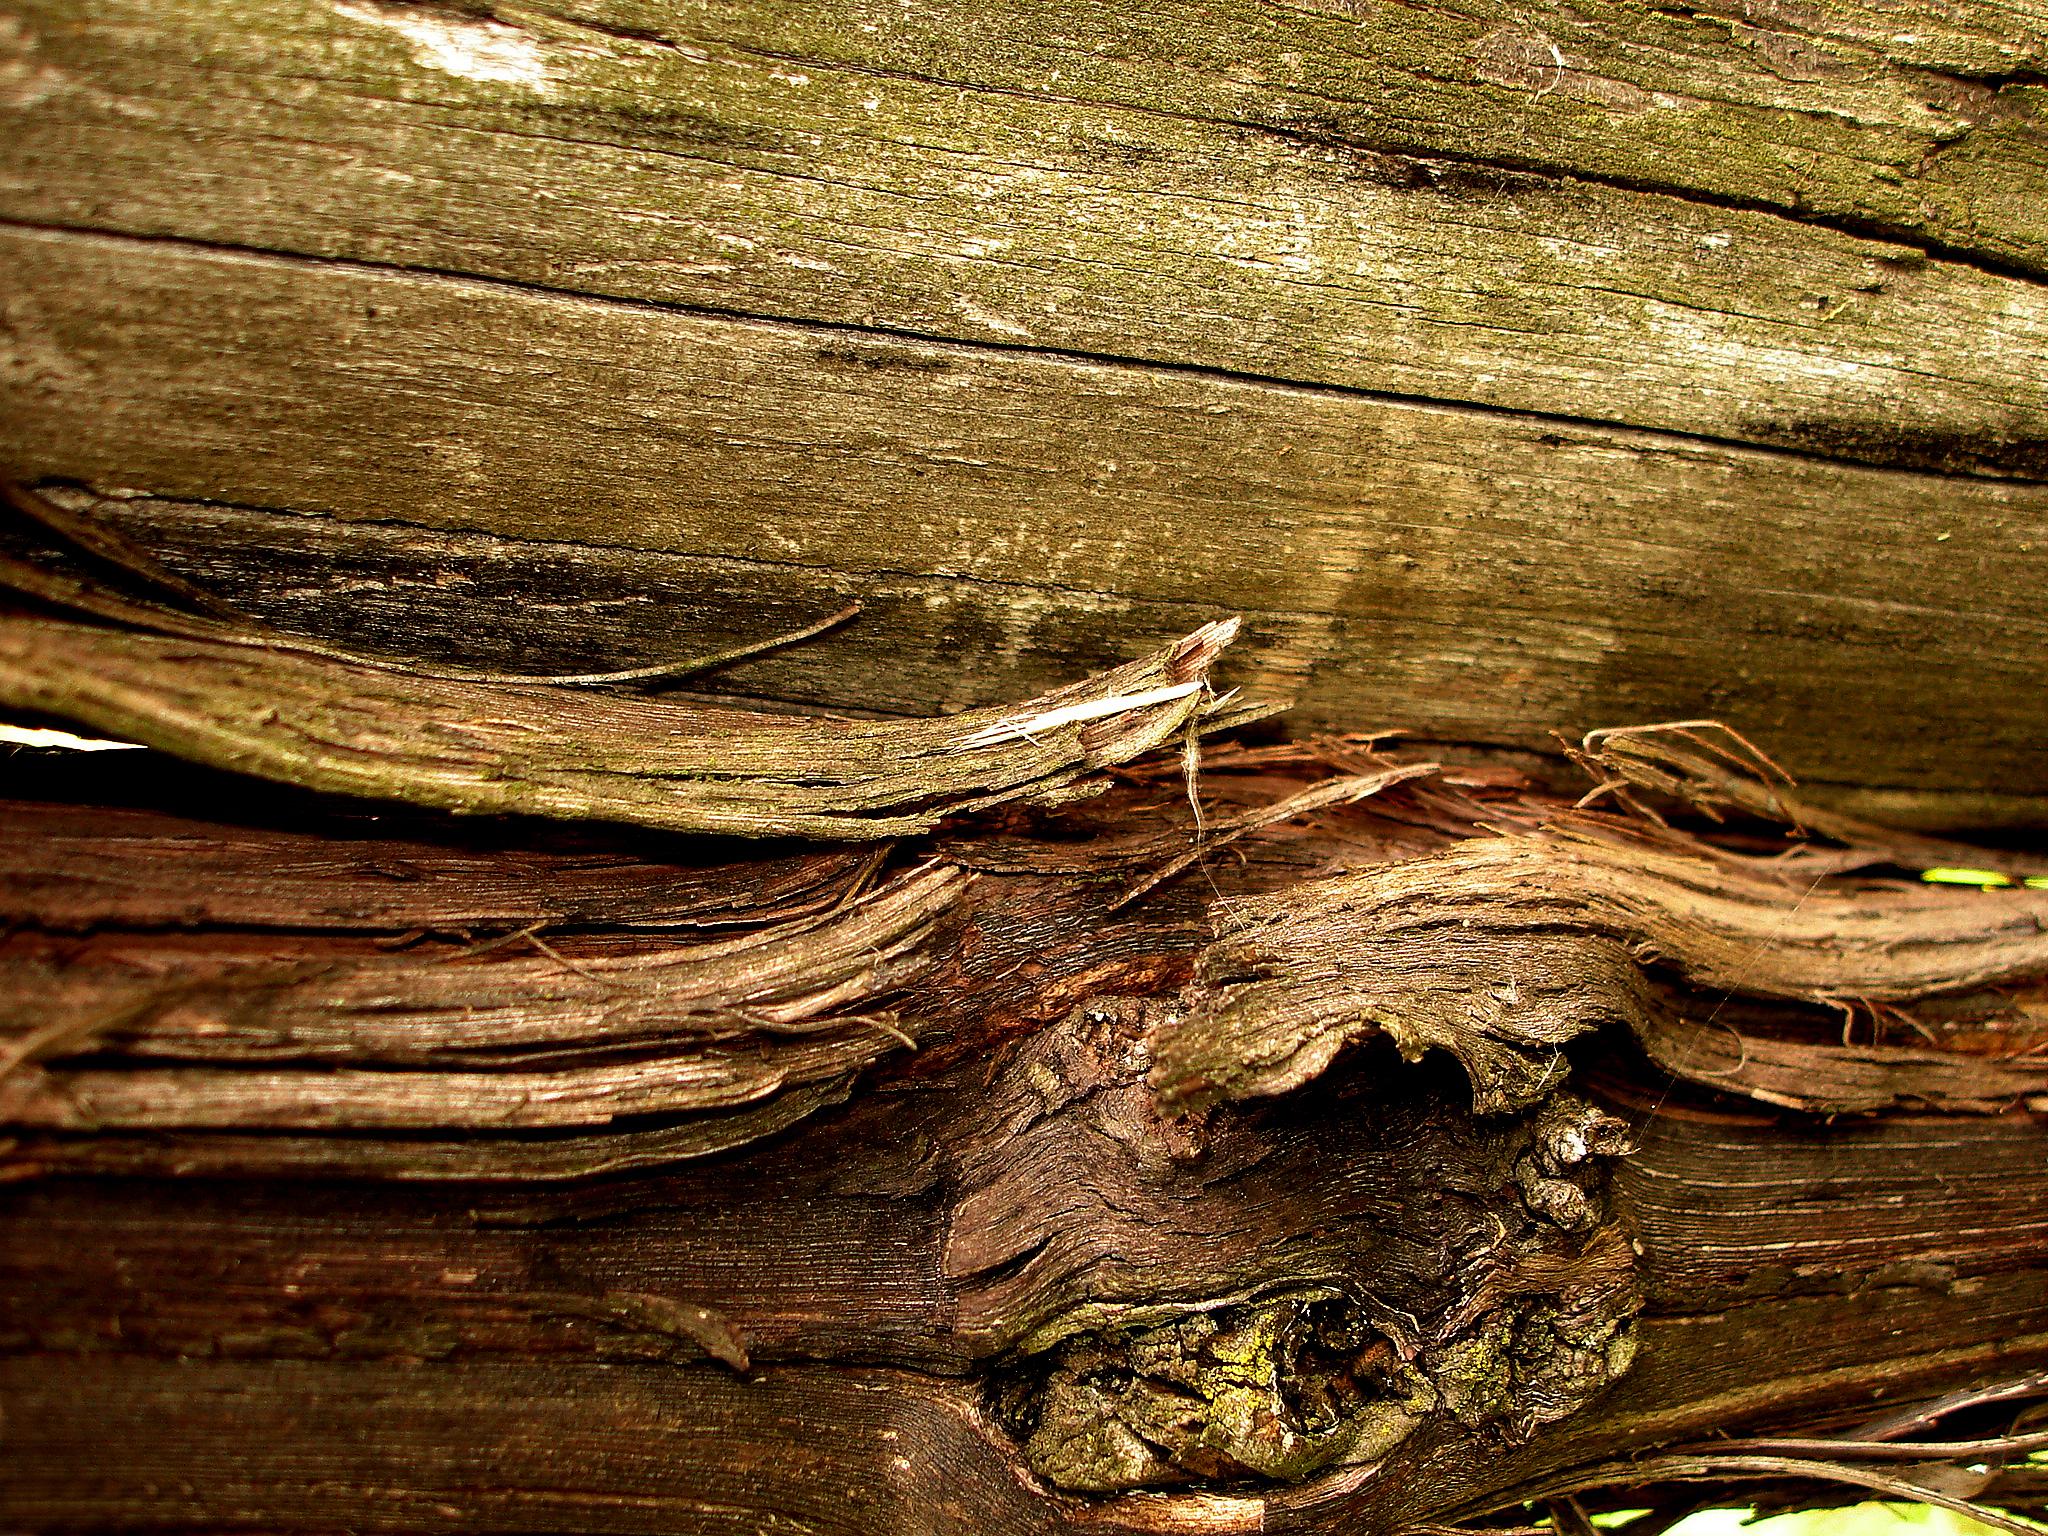 Срезанное дерево загрузить